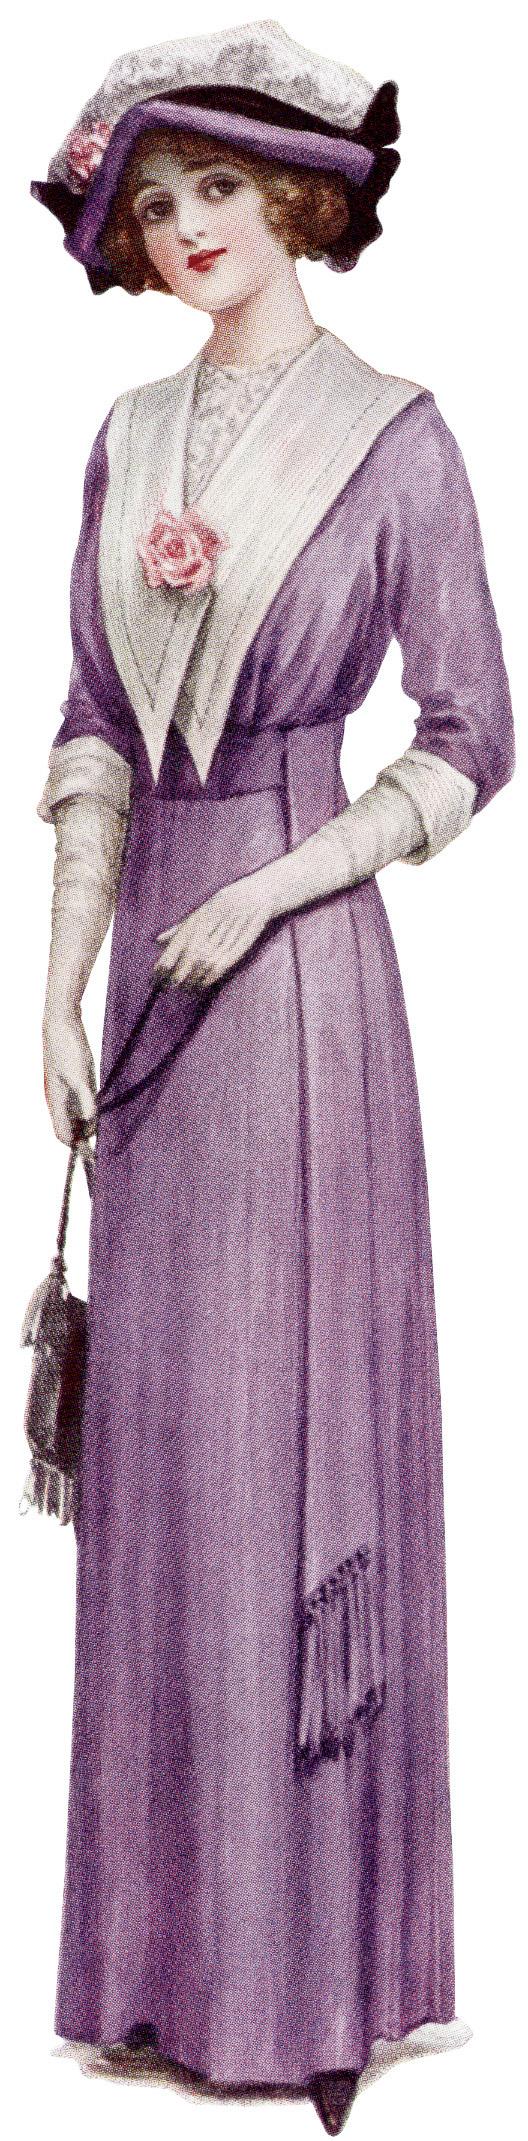 Gothic Victorian DressesGothic Ball GownsVictorian